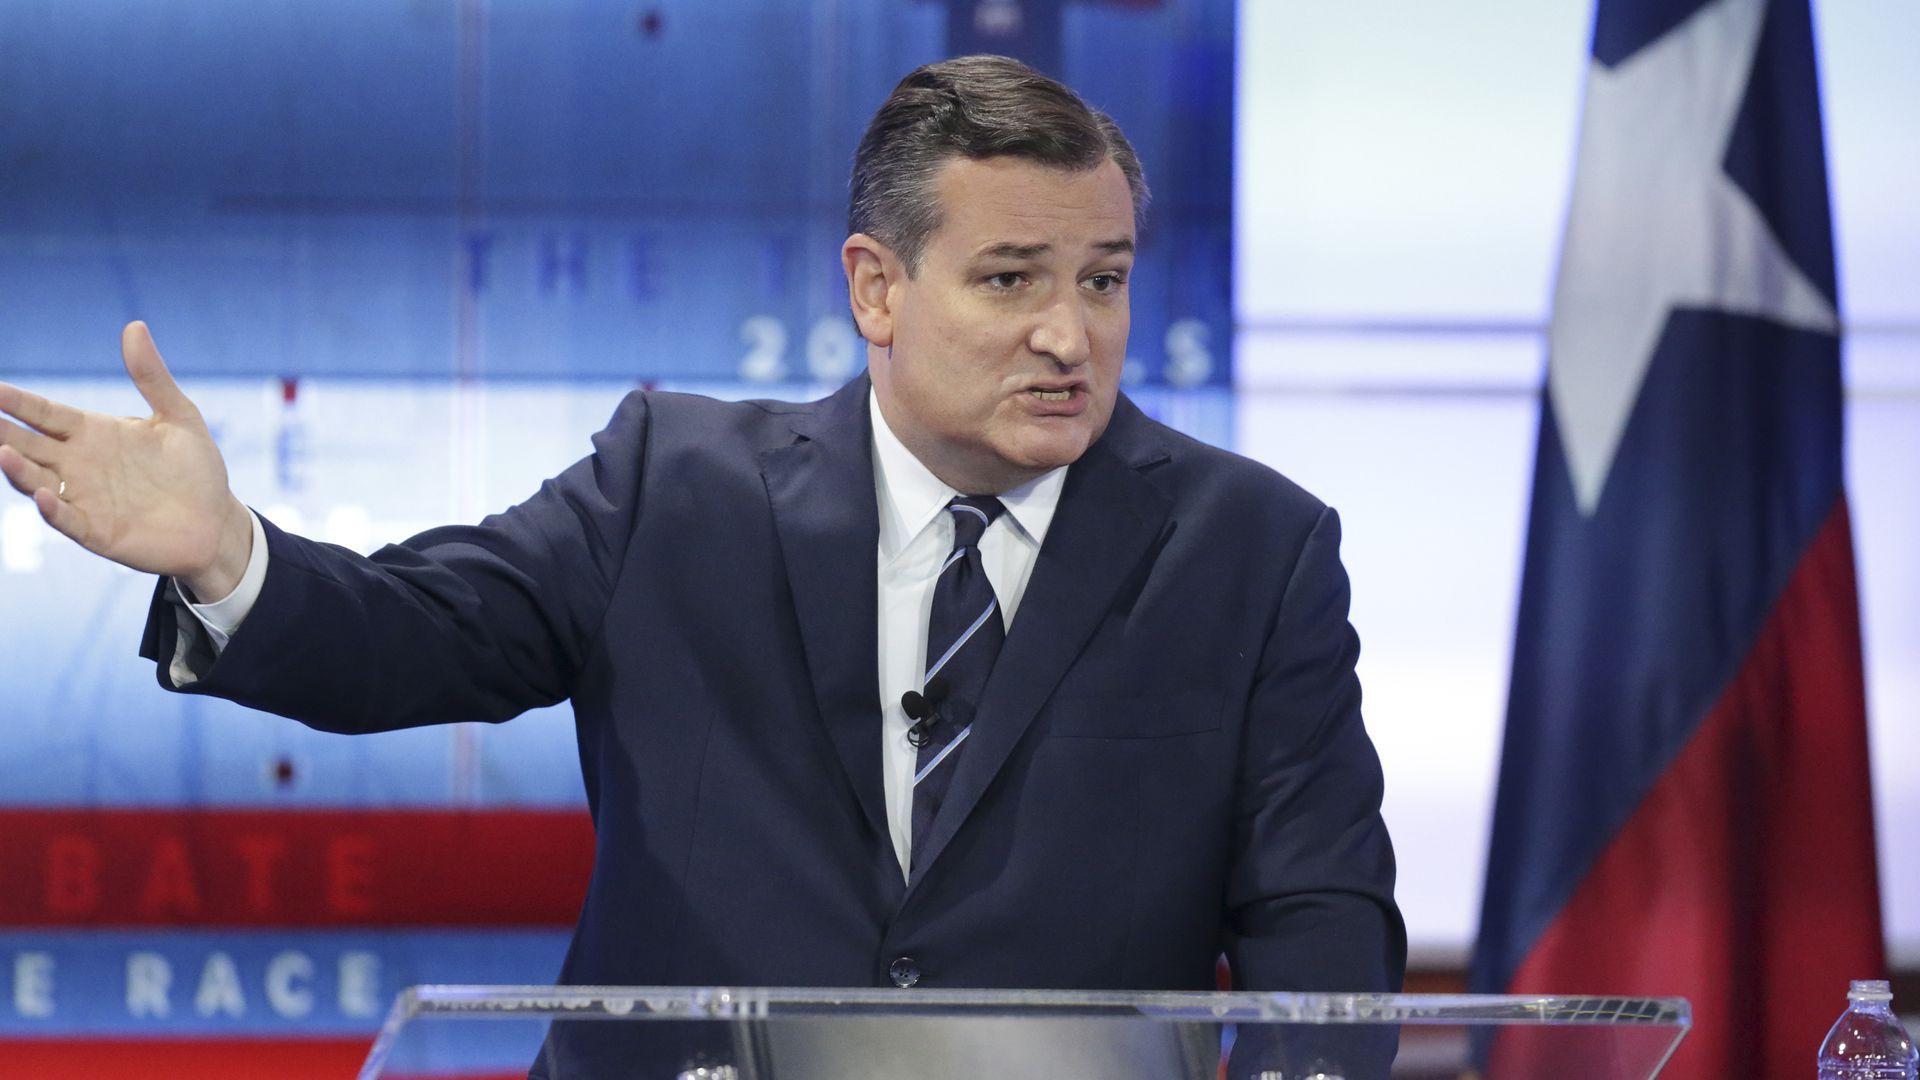 Ted Cruz during a debate